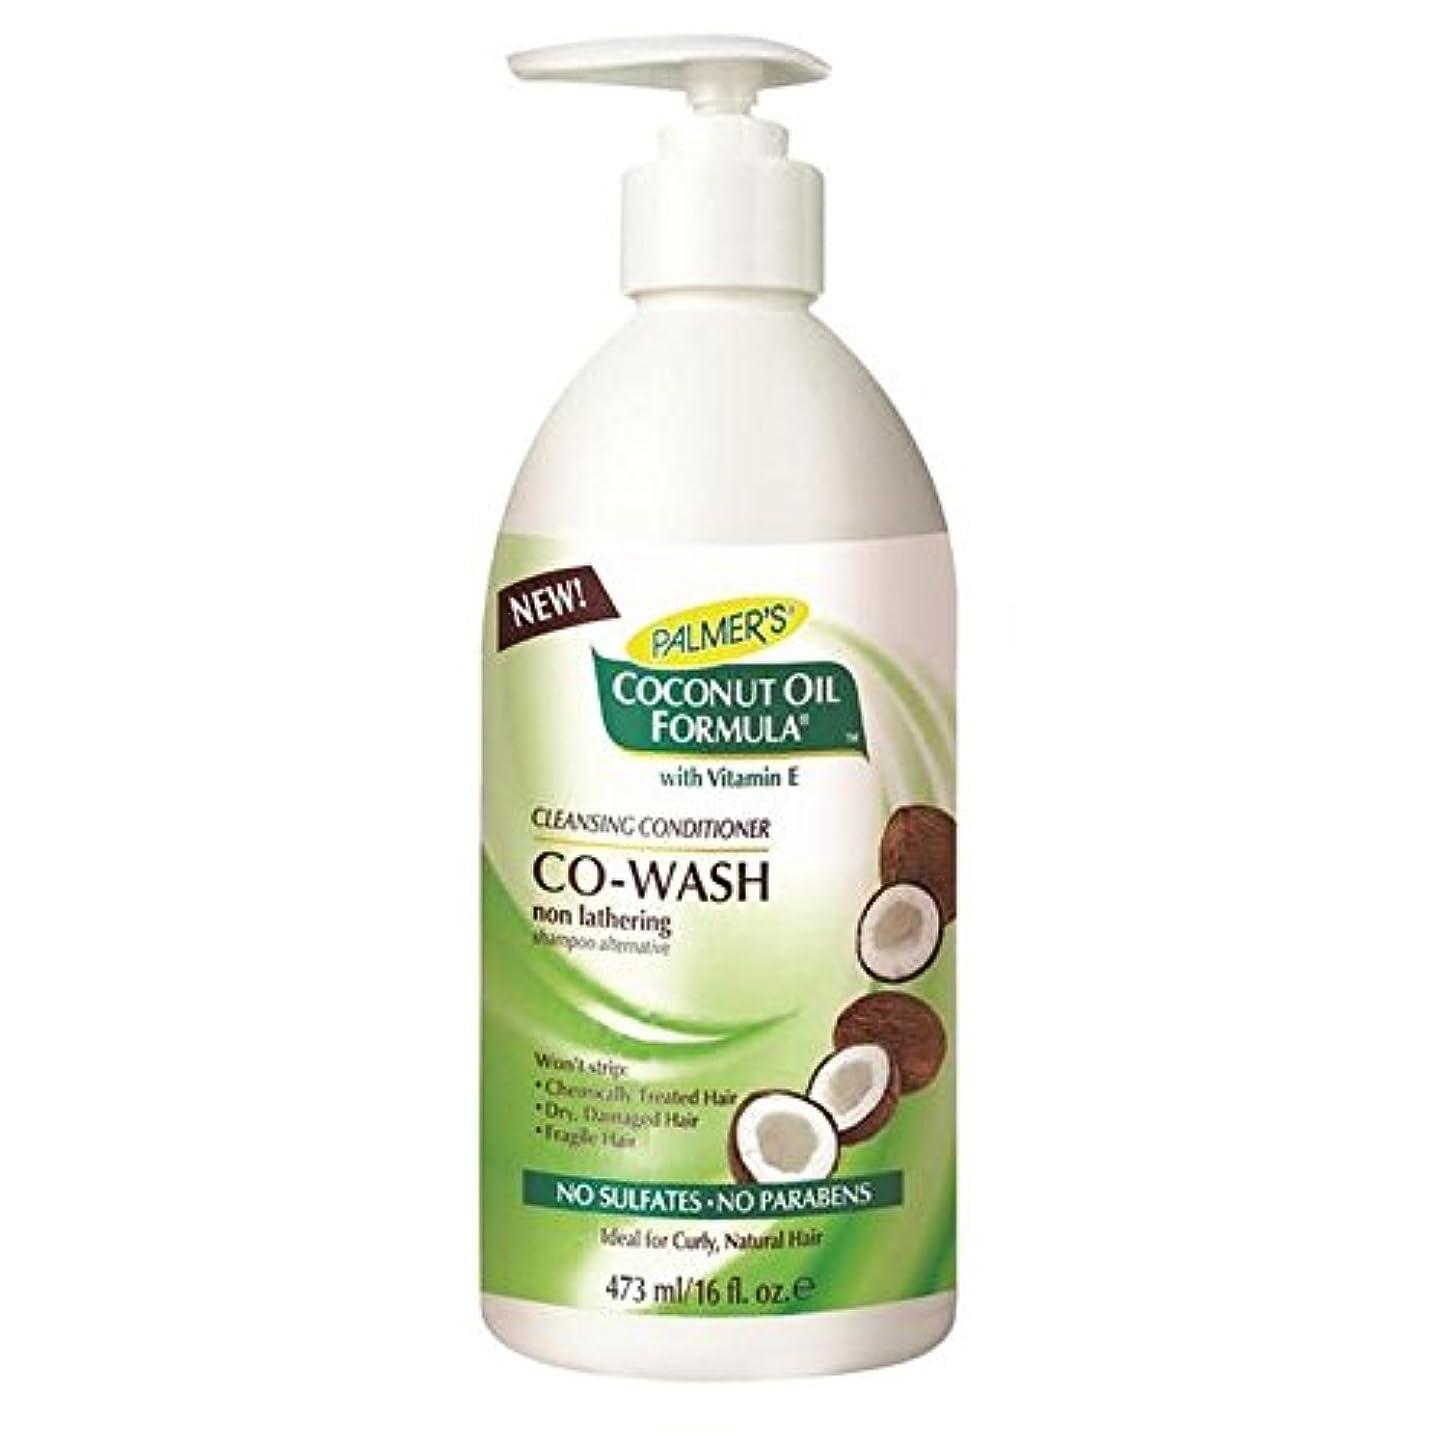 代わりに終了しましたのりPalmer's Coconut Formula Co-Wash Cleansing Conditioner, Shampoo Alternative 473ml - パーマーのココナッツ式コウォッシュクレンジングコンディショナー...